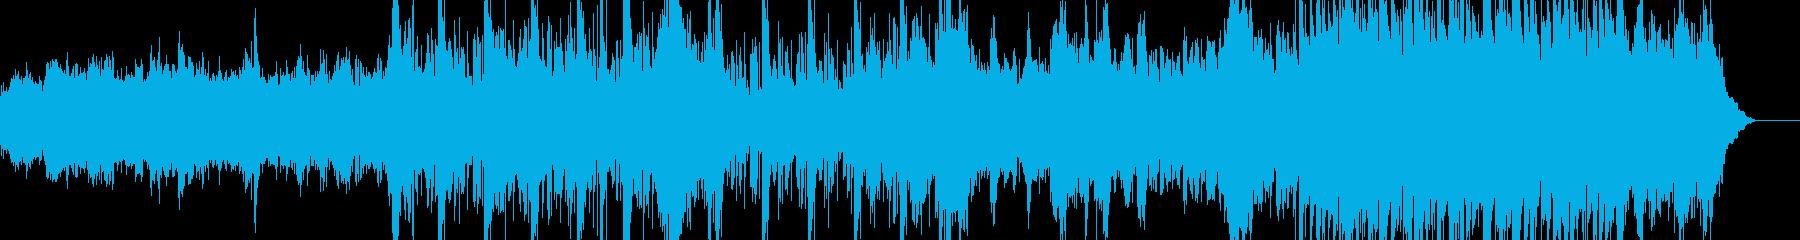 オーガニック、エレクトロニカ、やさしいの再生済みの波形